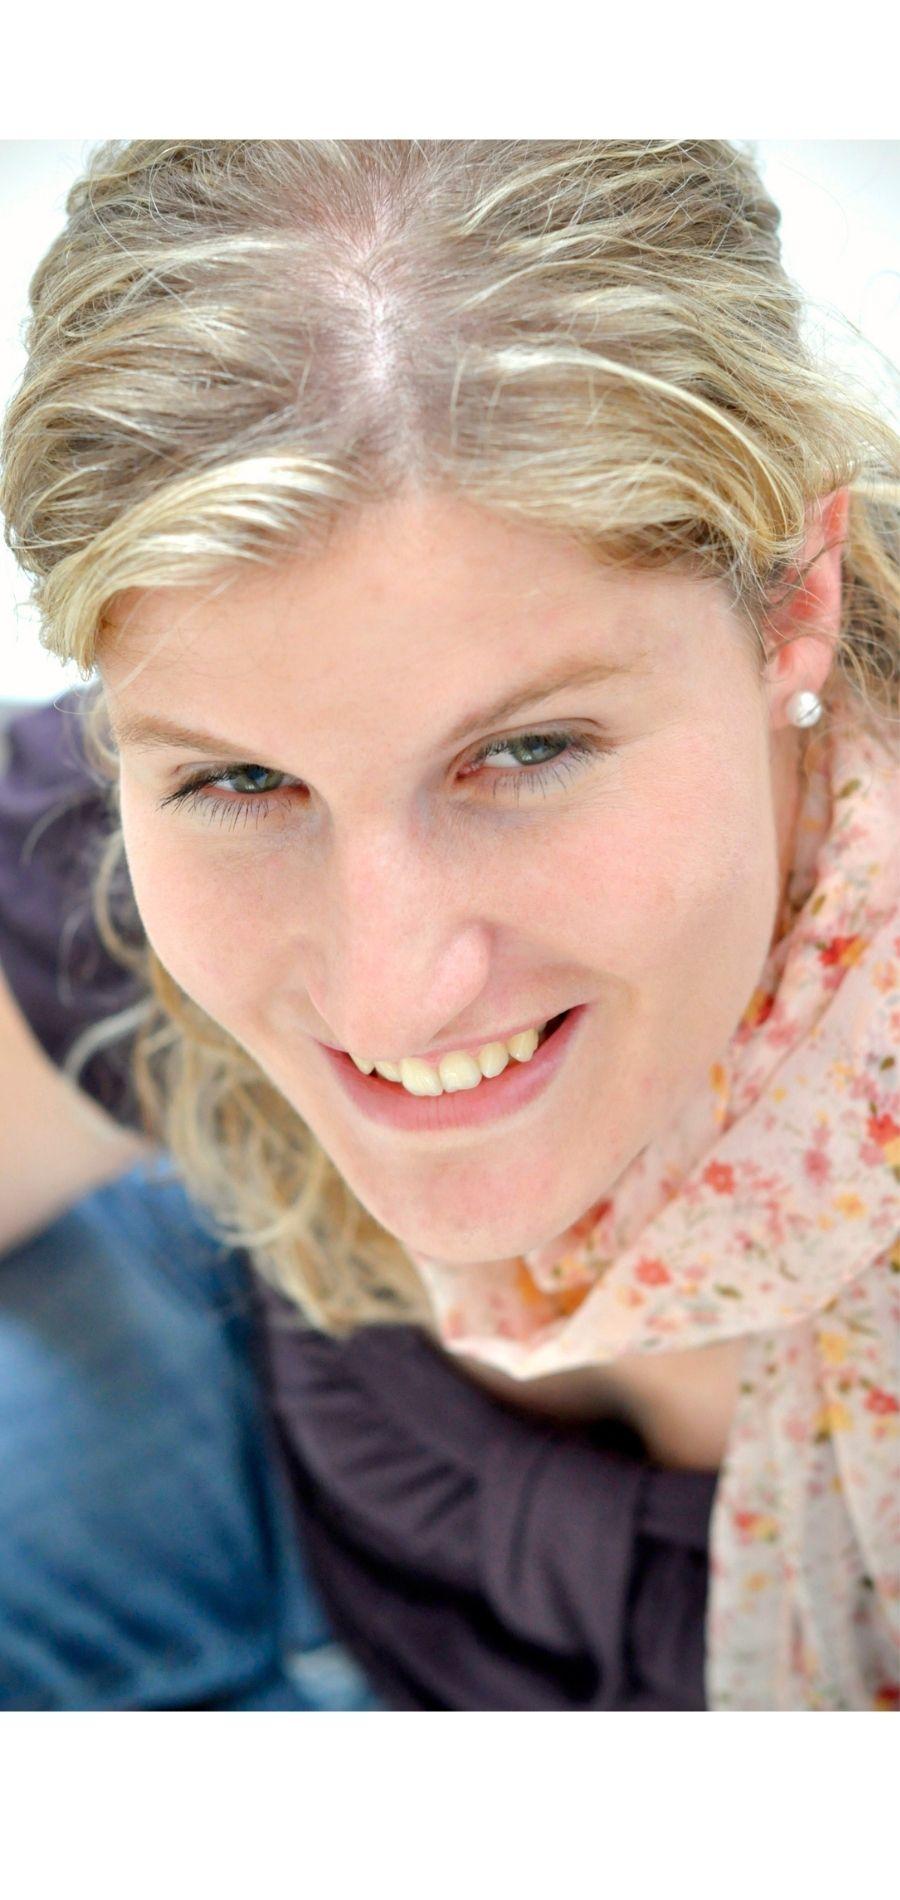 Buche dir deinen persönlichen Gesprächstermin mit Stefanie Frehner!